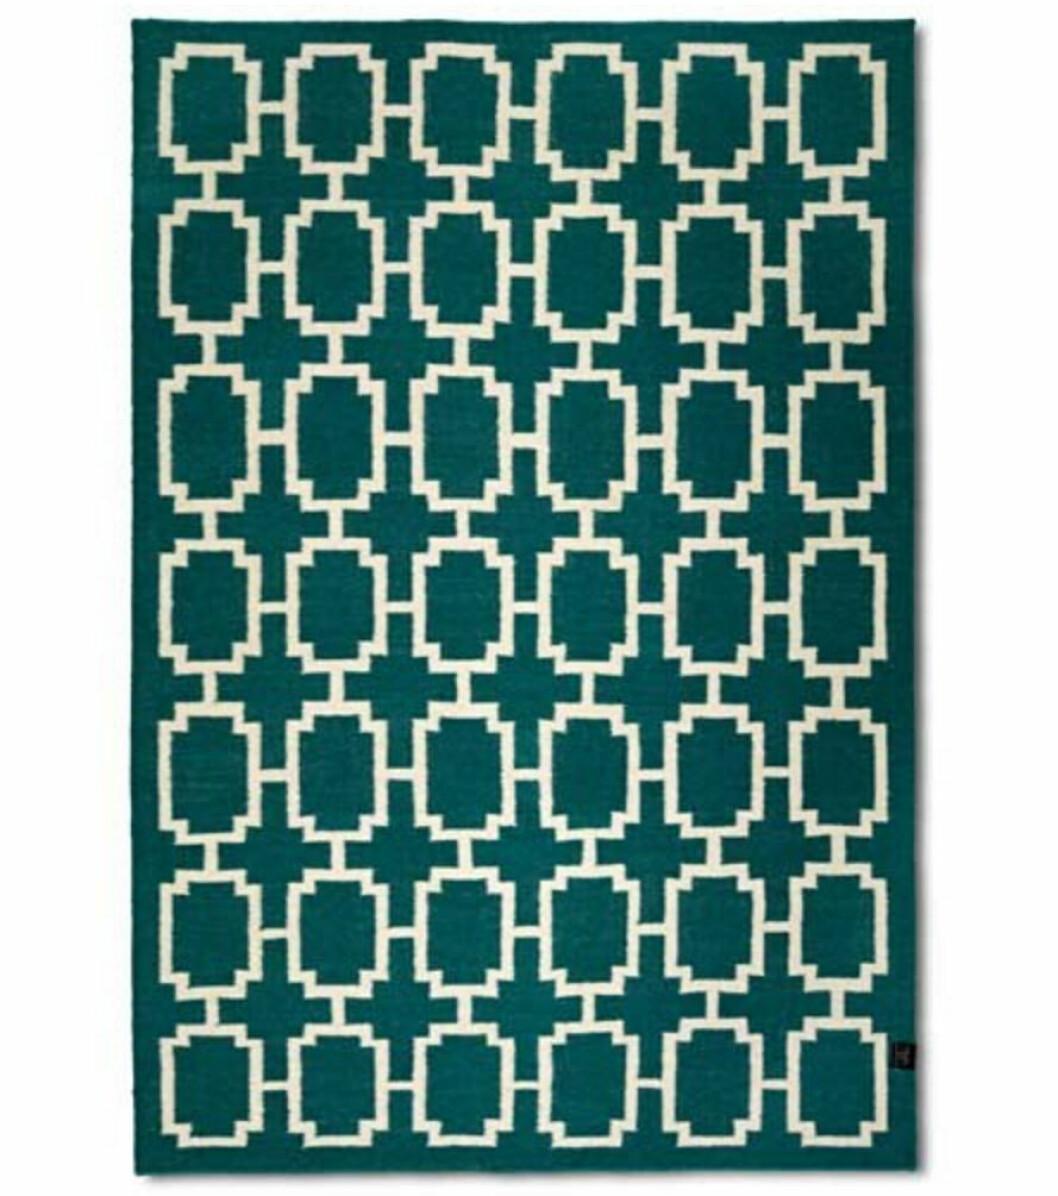 matta grön mönstrad